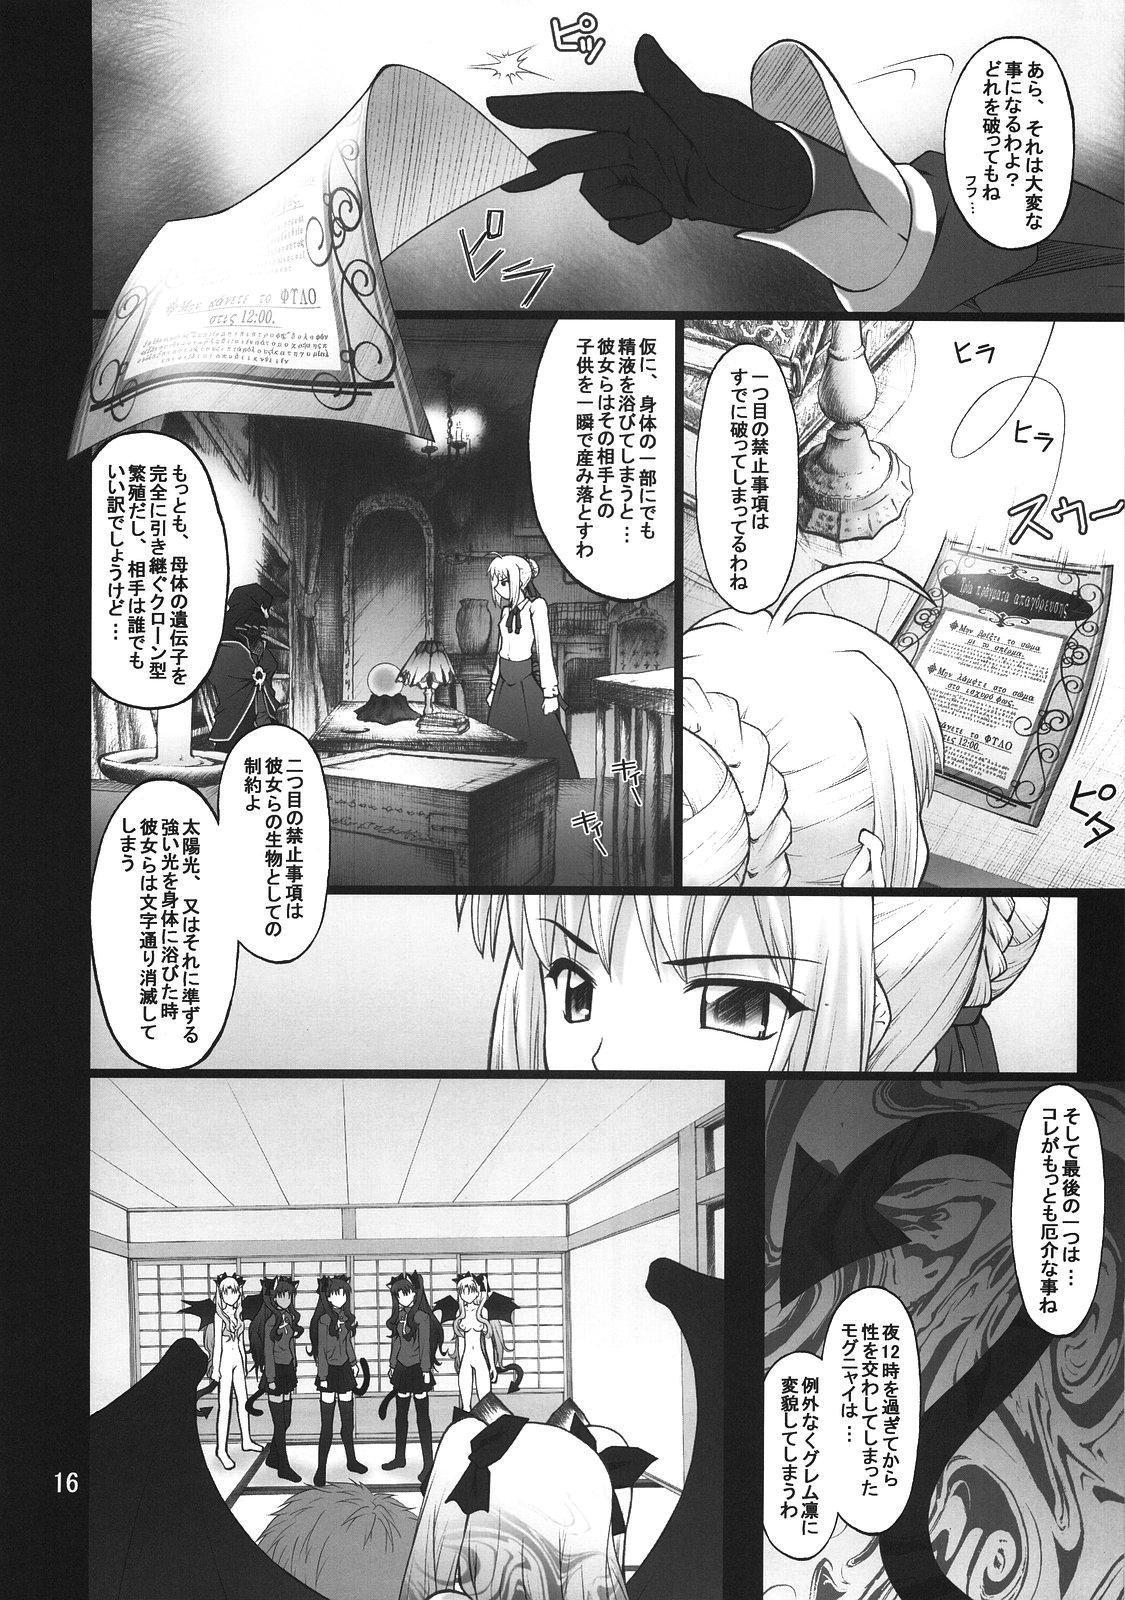 Grem-Rin 3 14